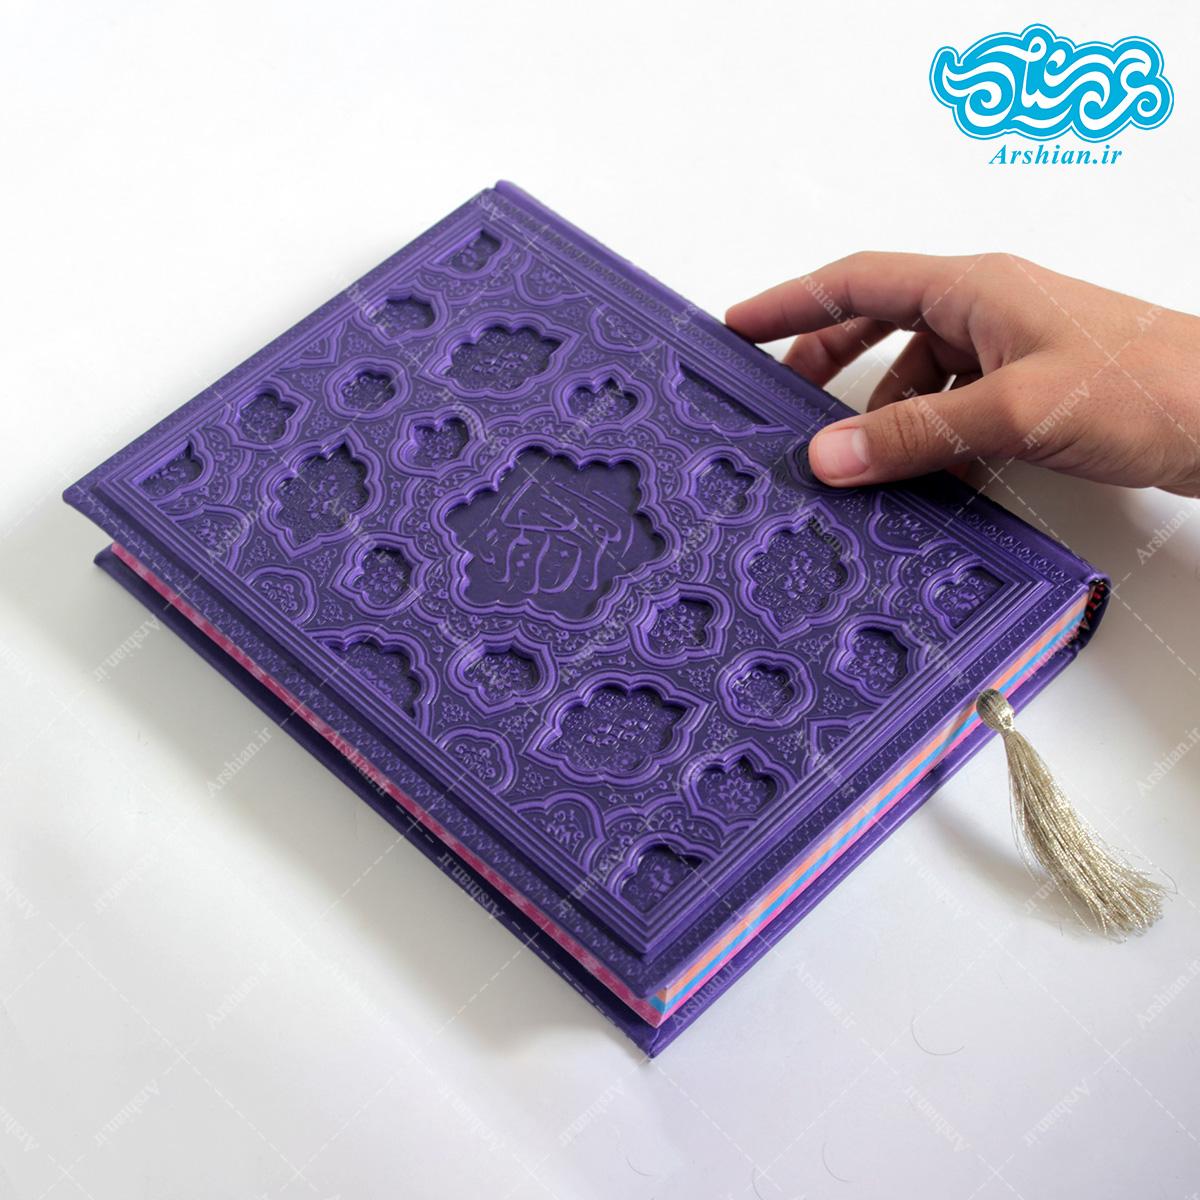 قرآن صفحه رنگی جلد مشبک وزیری